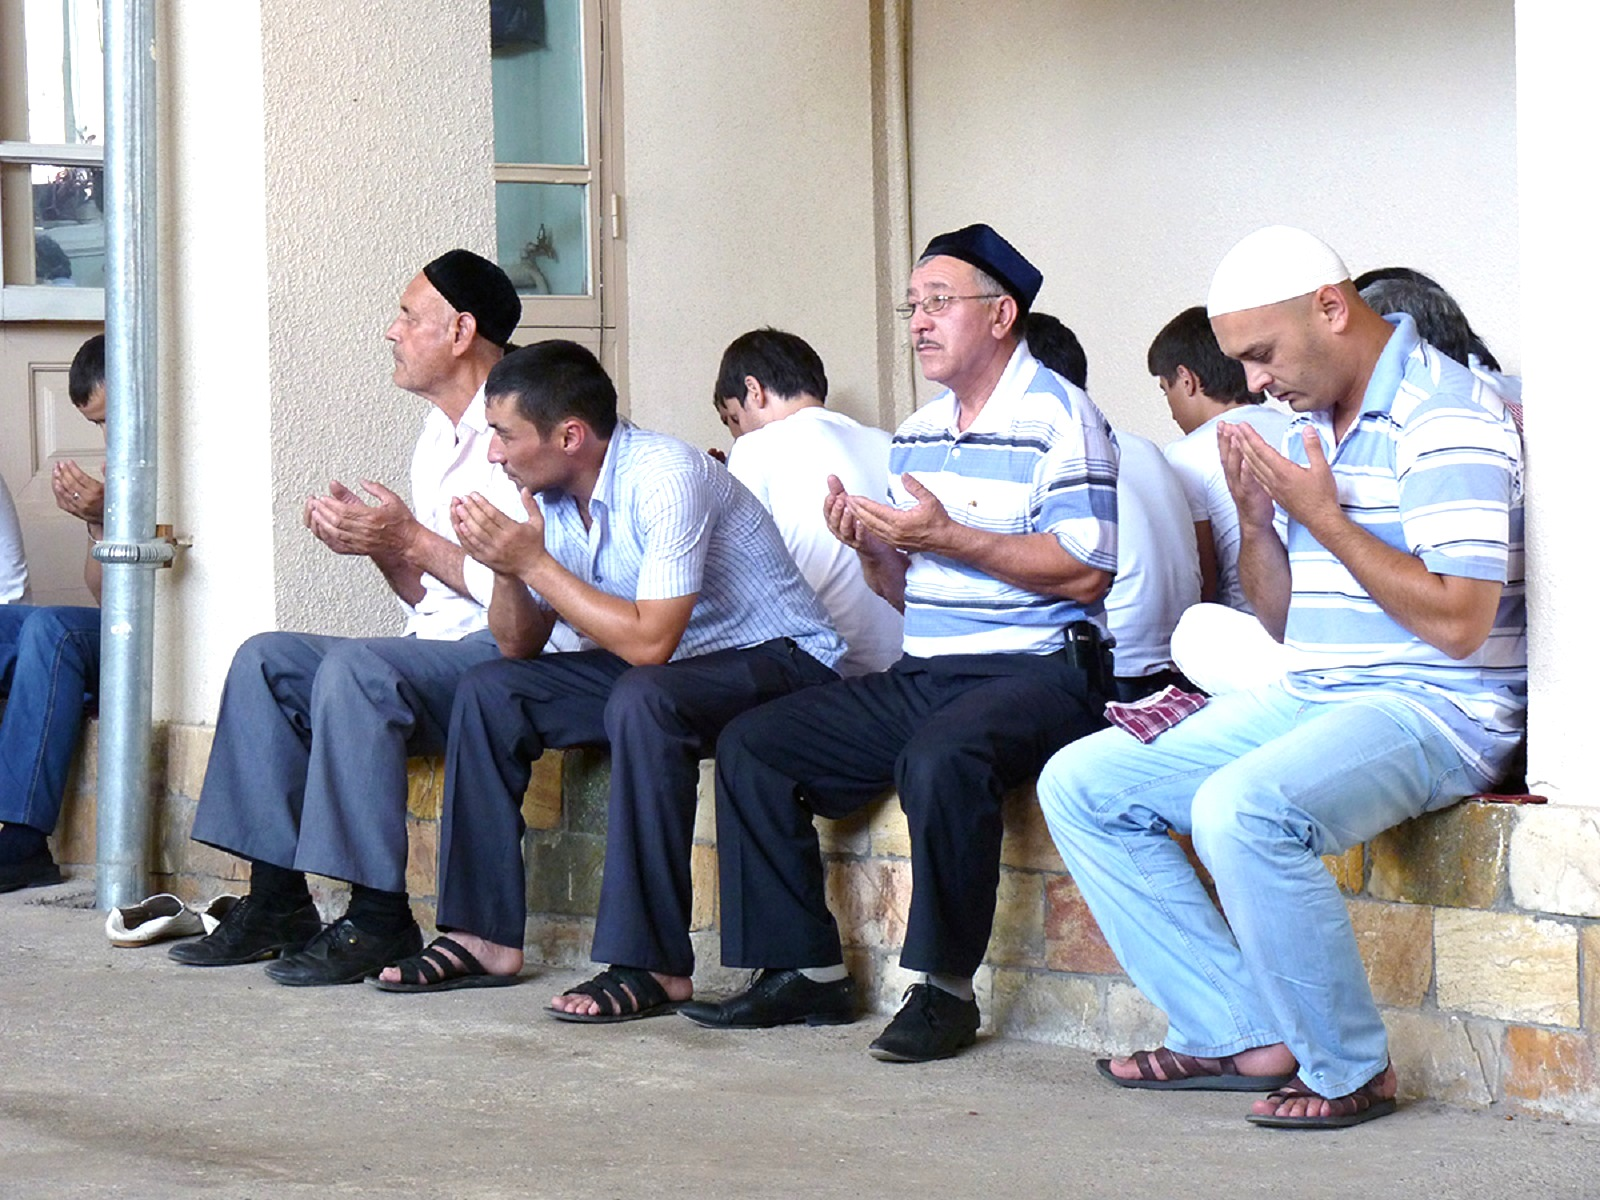 Узбекские теологи разоблачают экстремистов